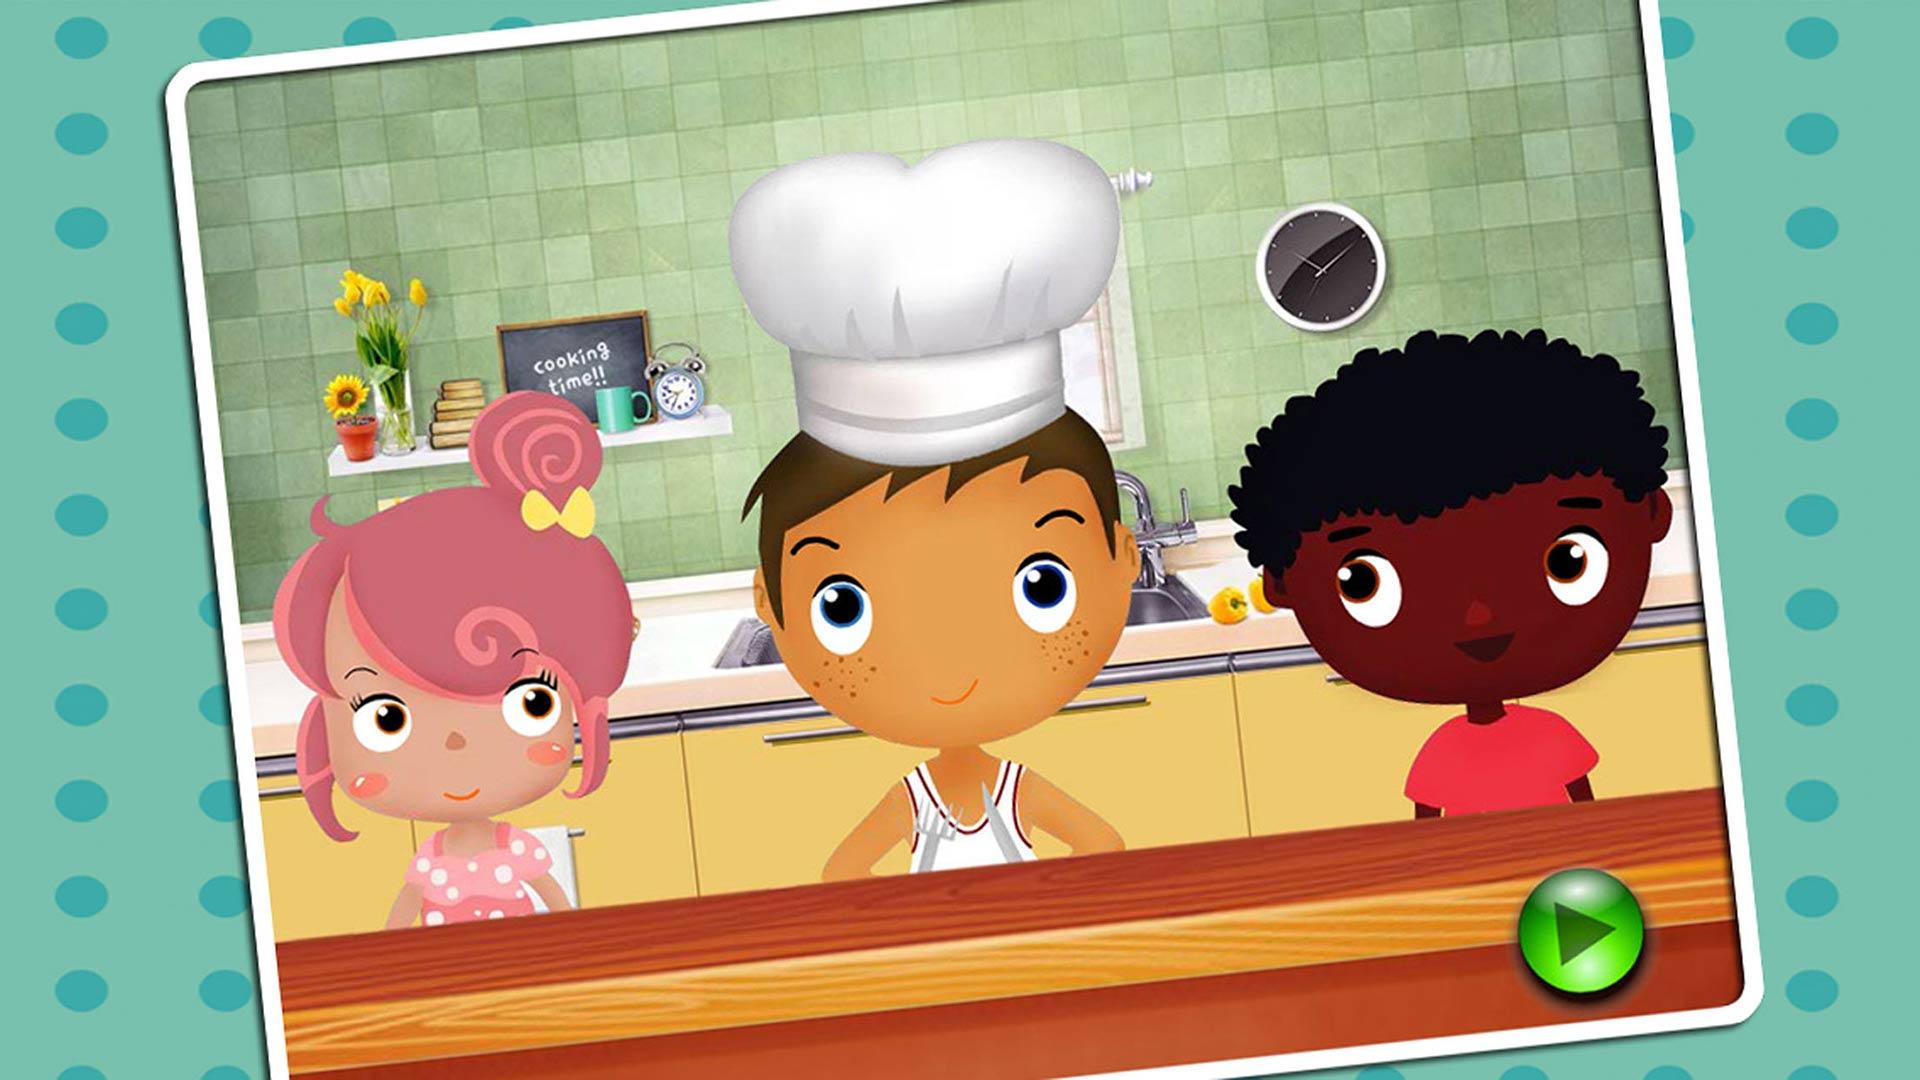 学做饭儿童烹饪游戏